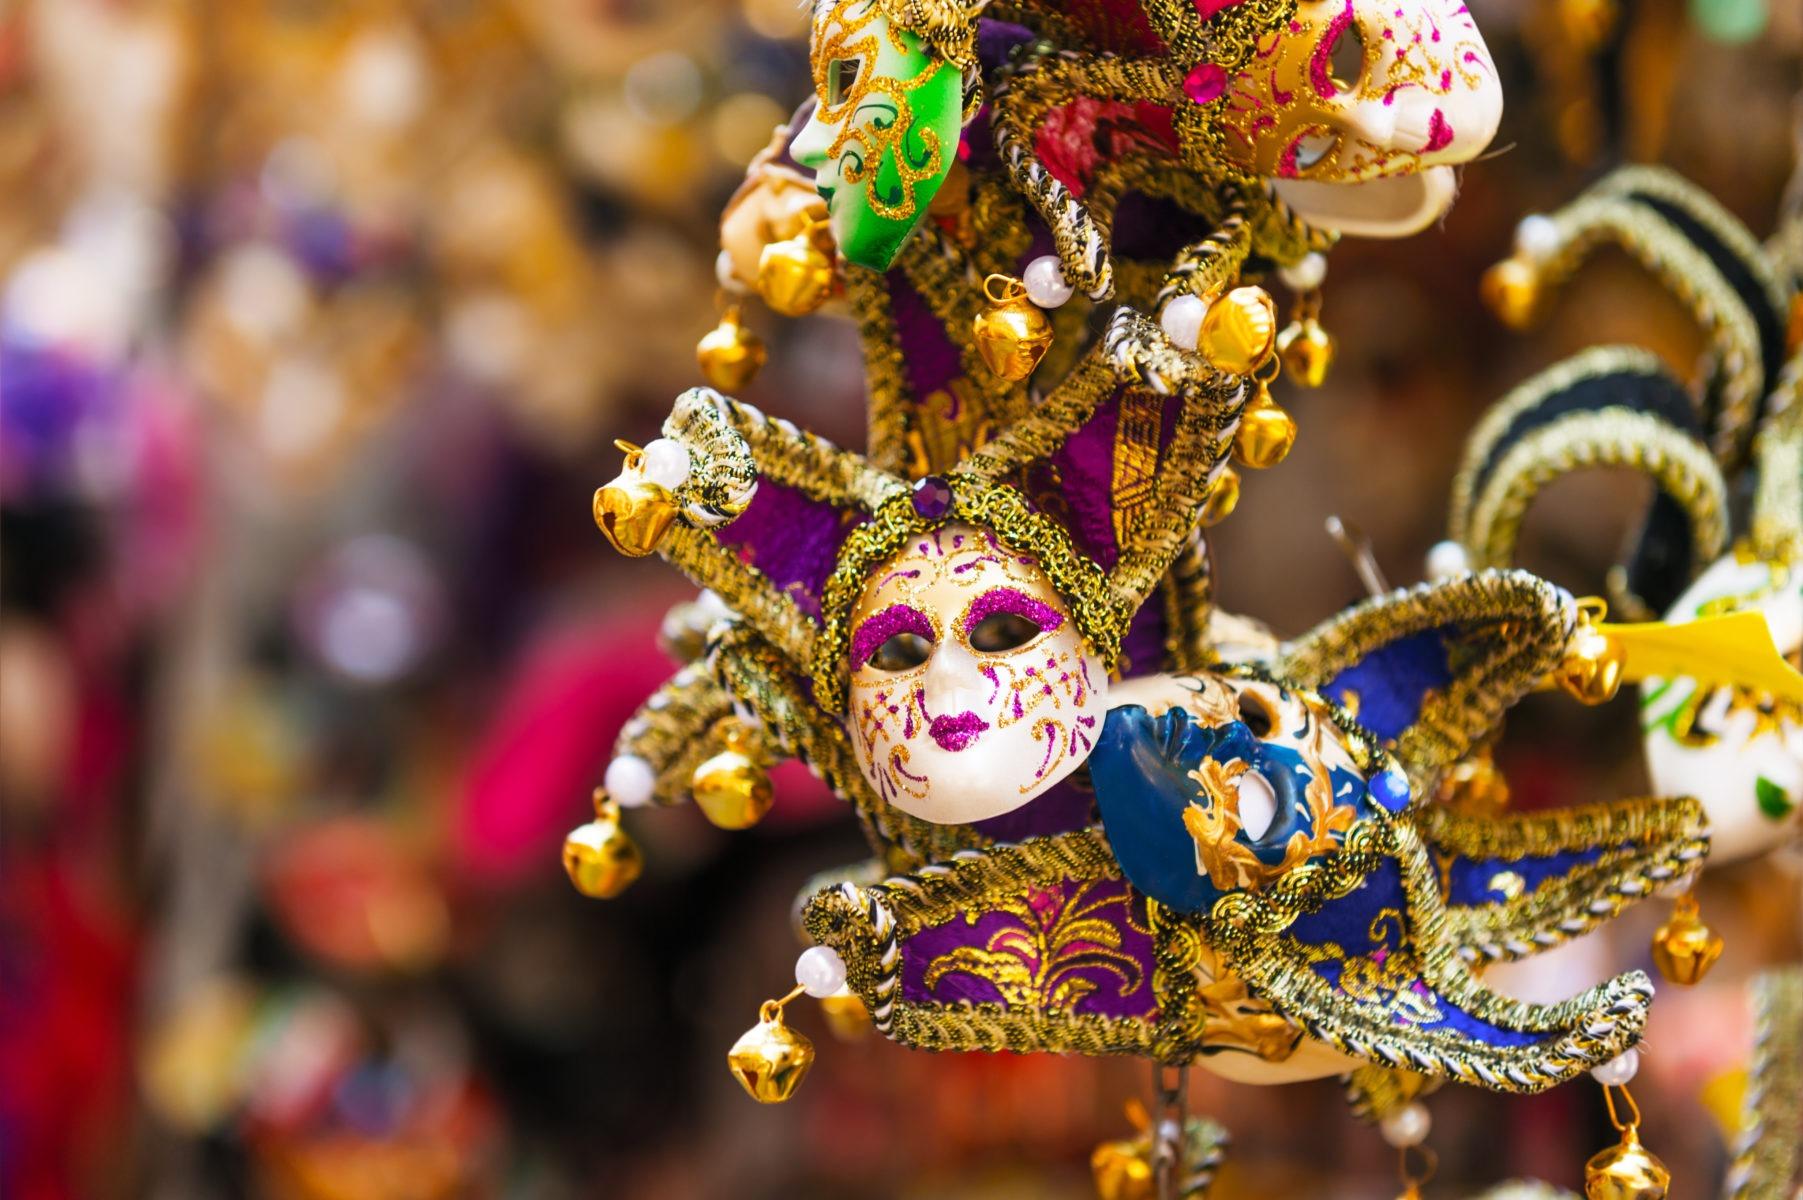 Sejour tout compris carnaval venise